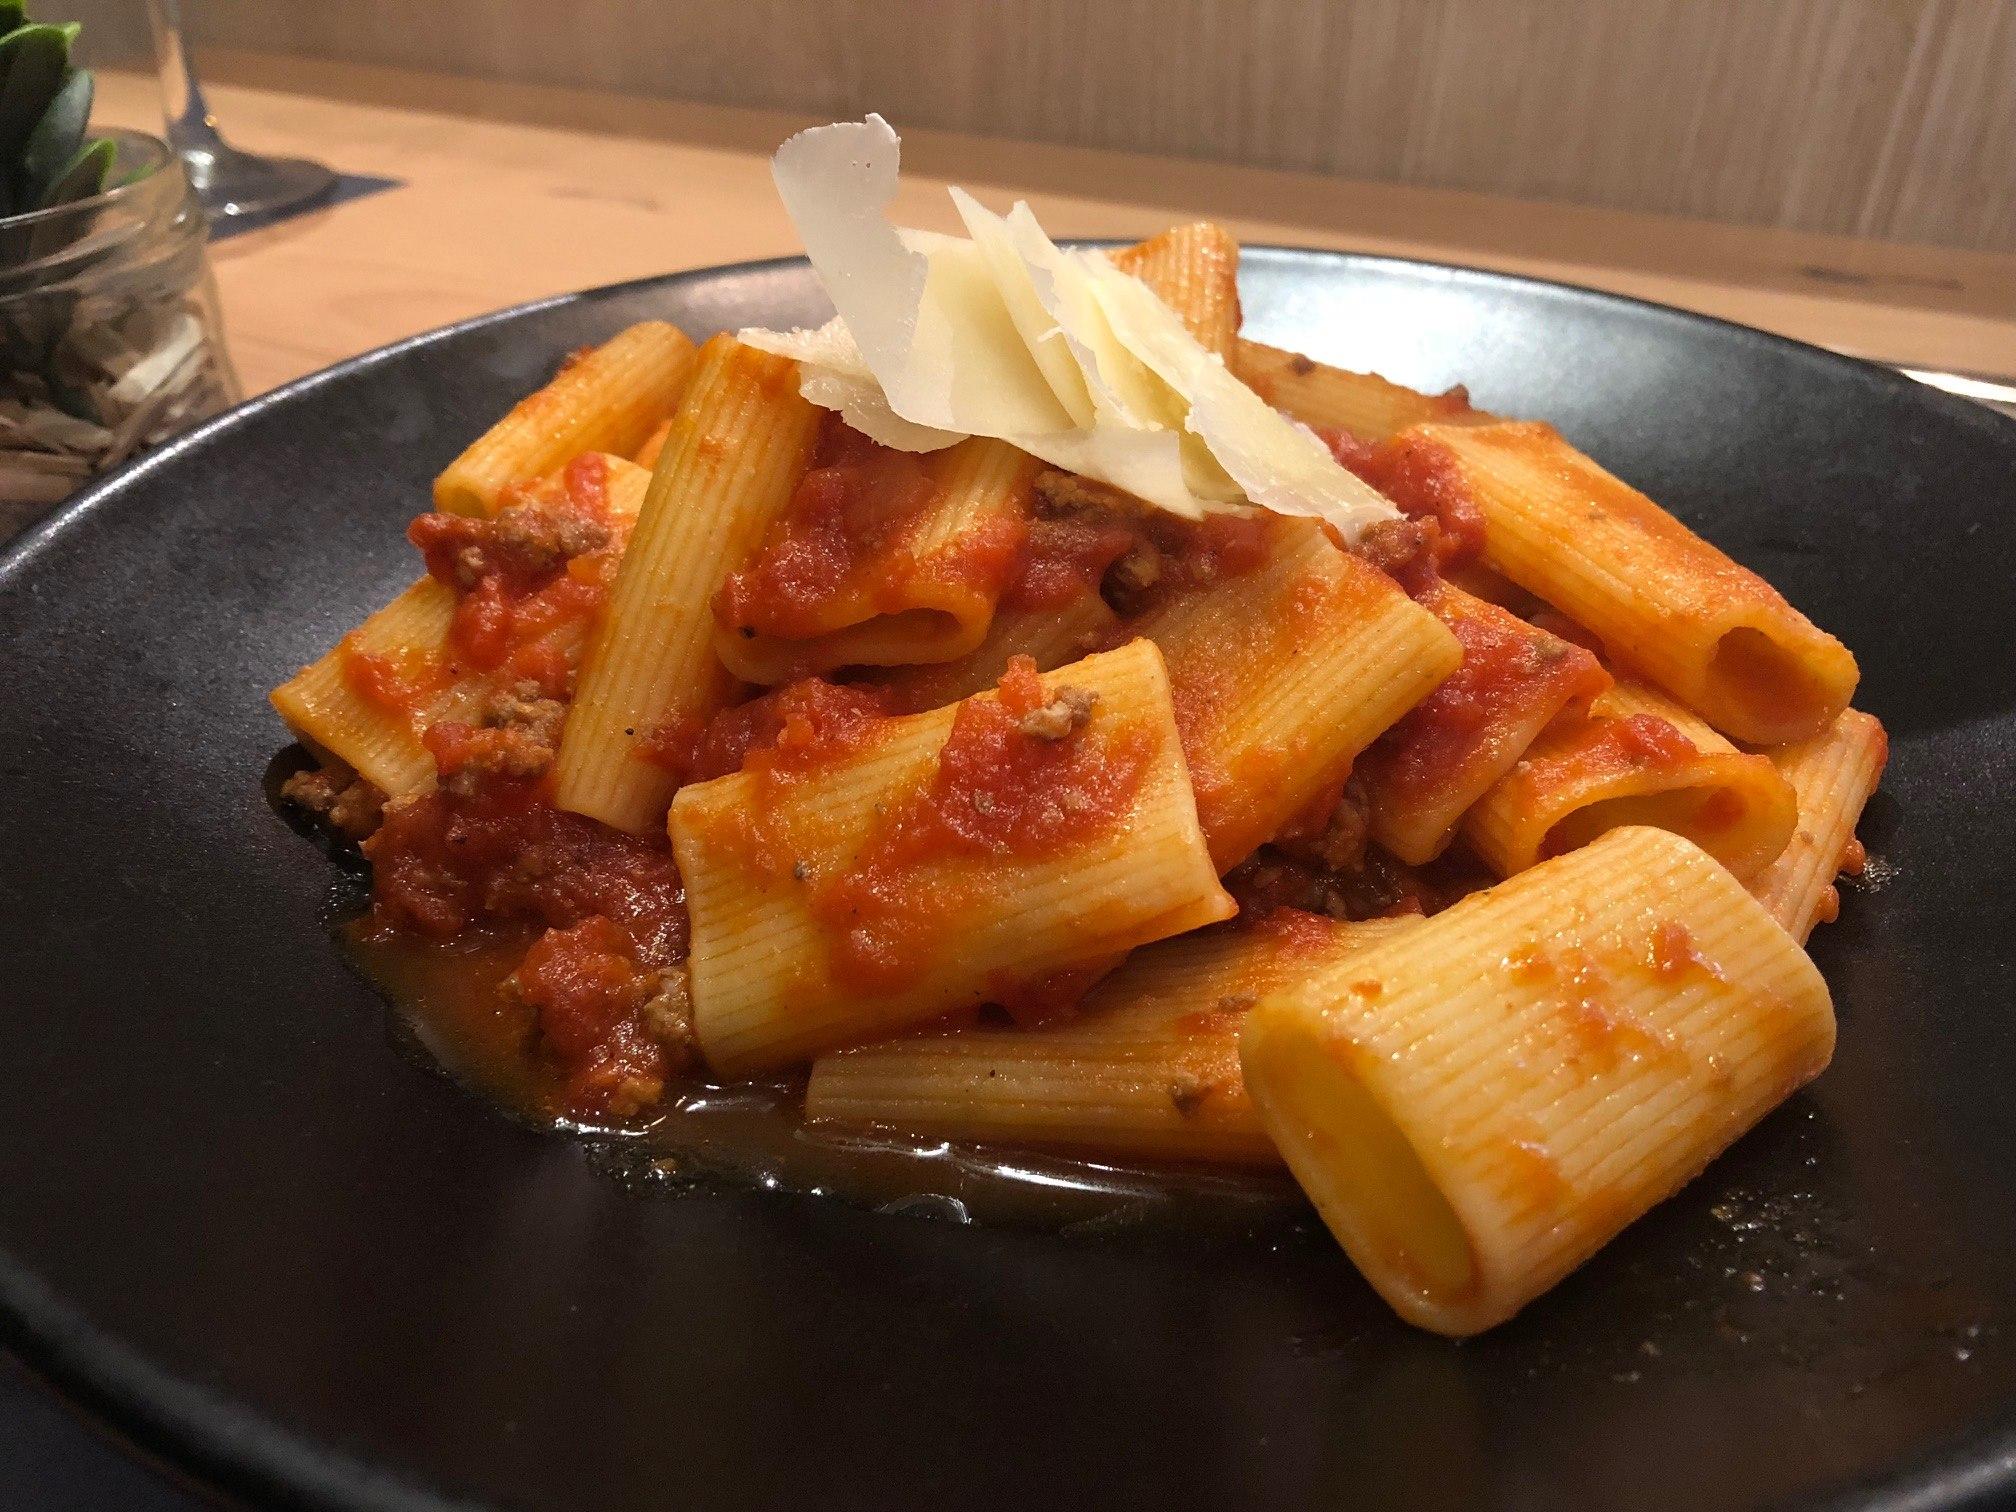 tomate en la cocina italiana - El tomate en la cocina italiana